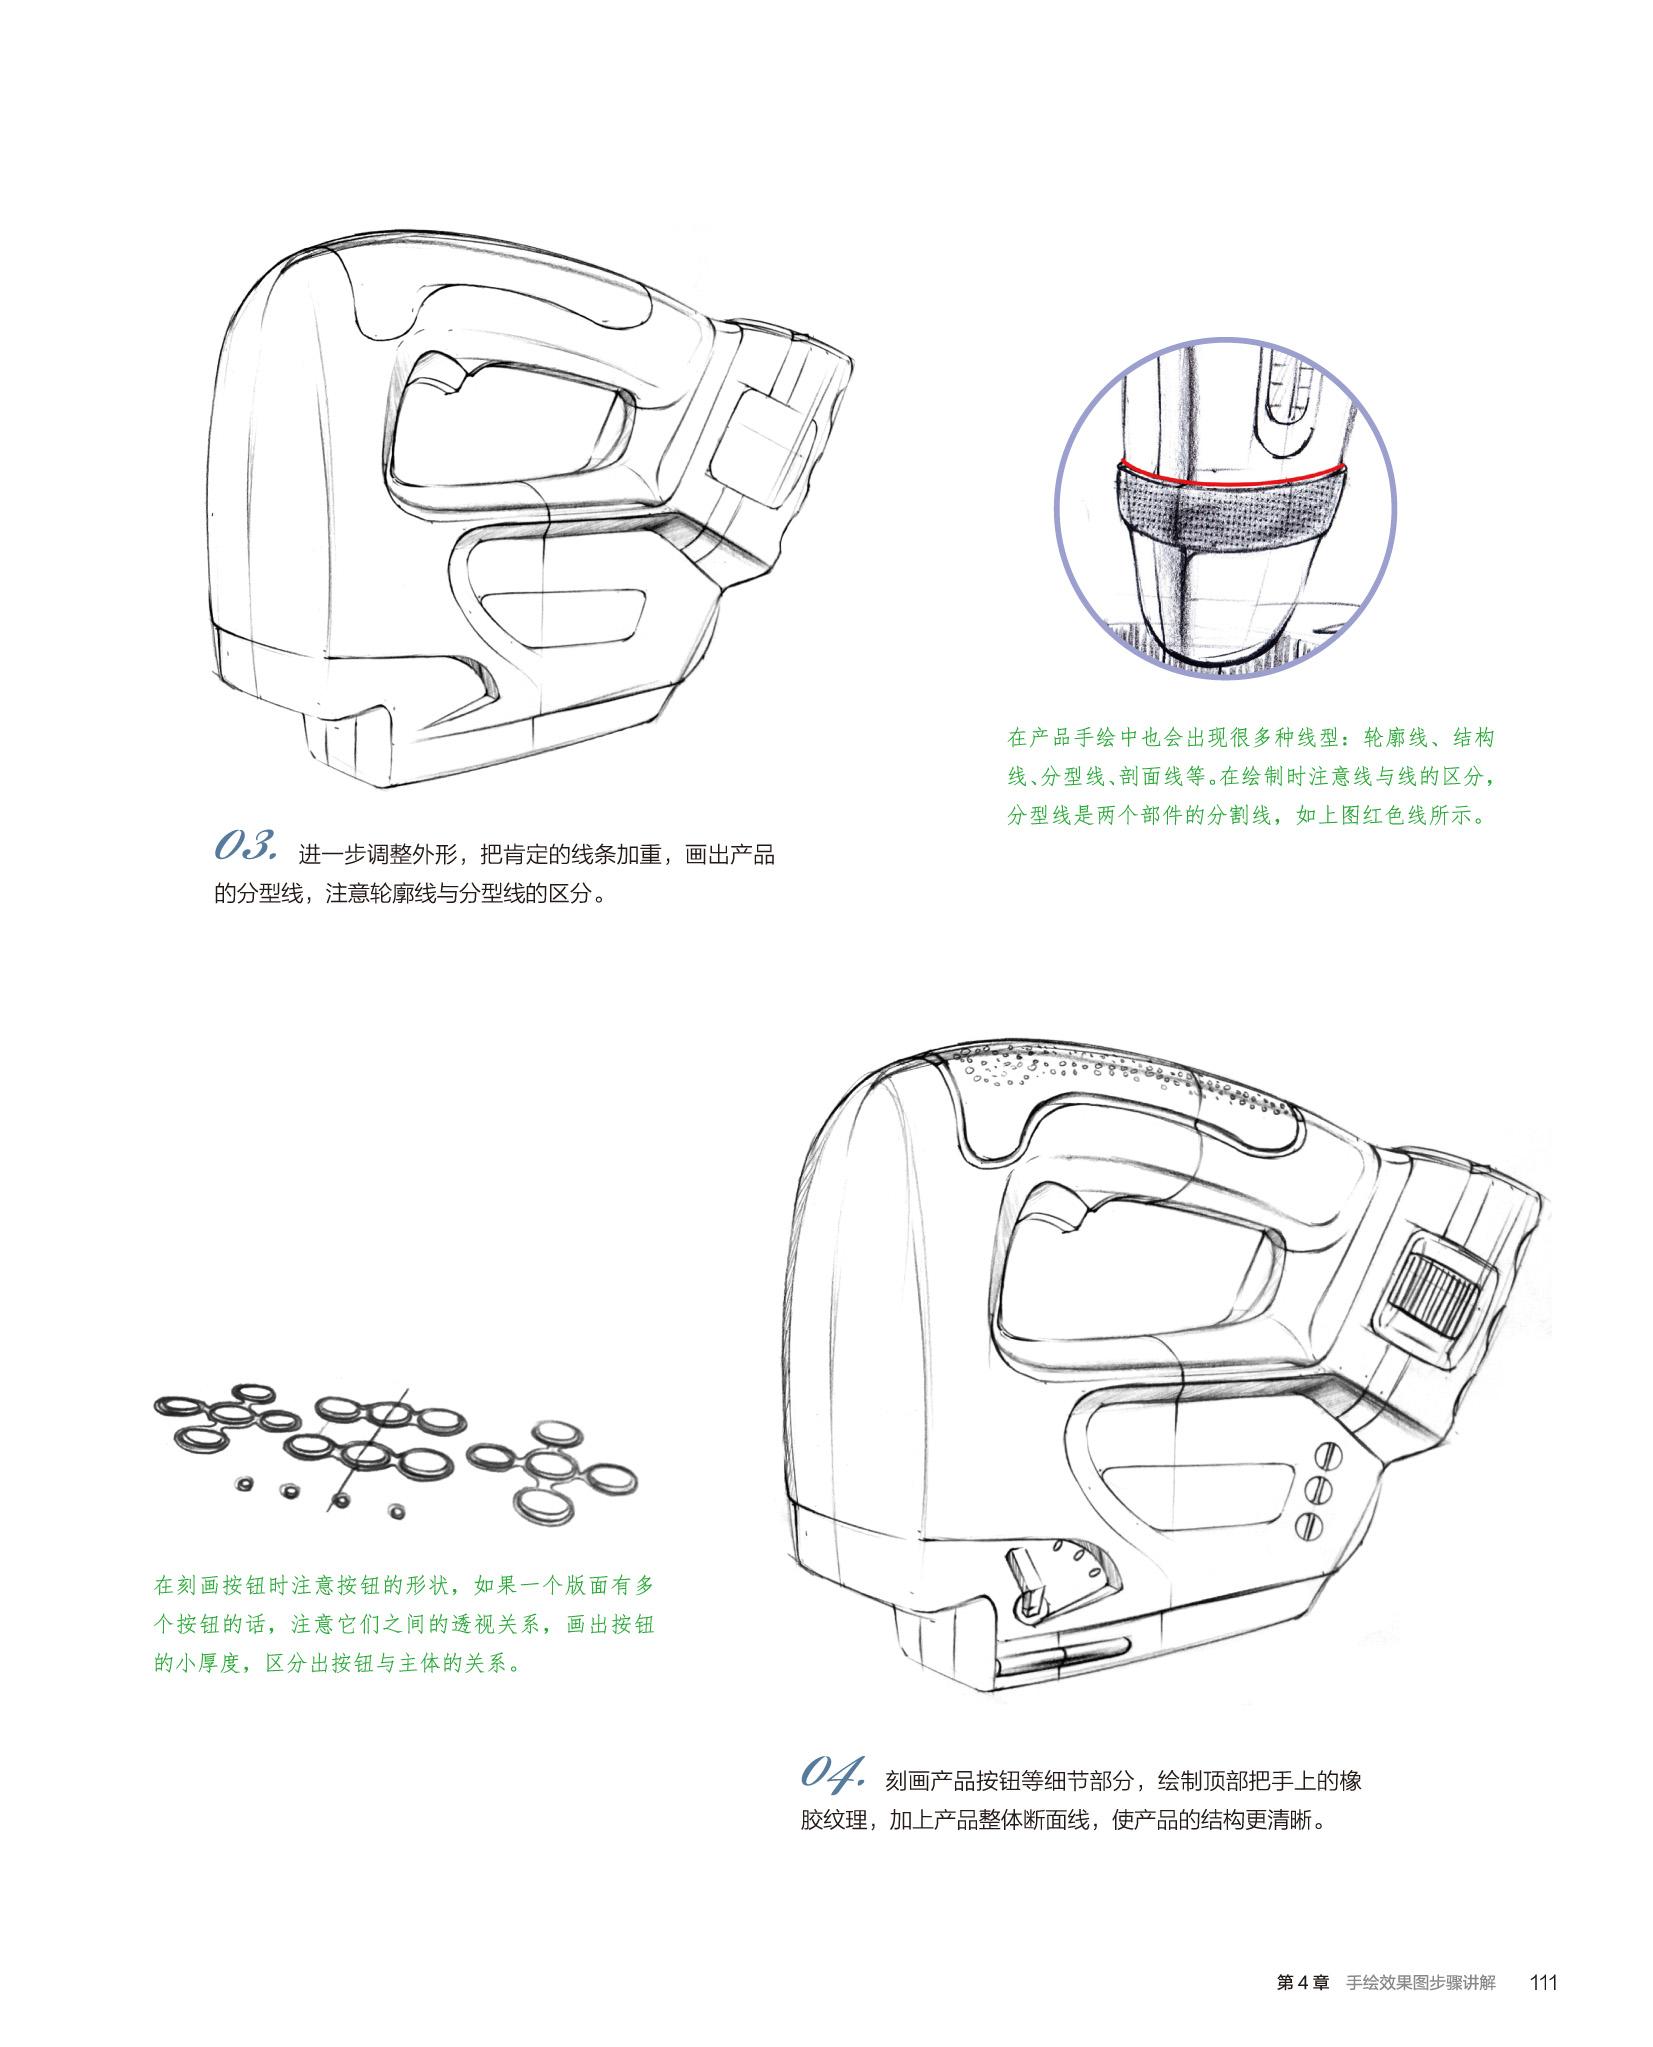 内容由浅入深,见解独到,且案例步骤详细,适合作为工业产品设计手绘